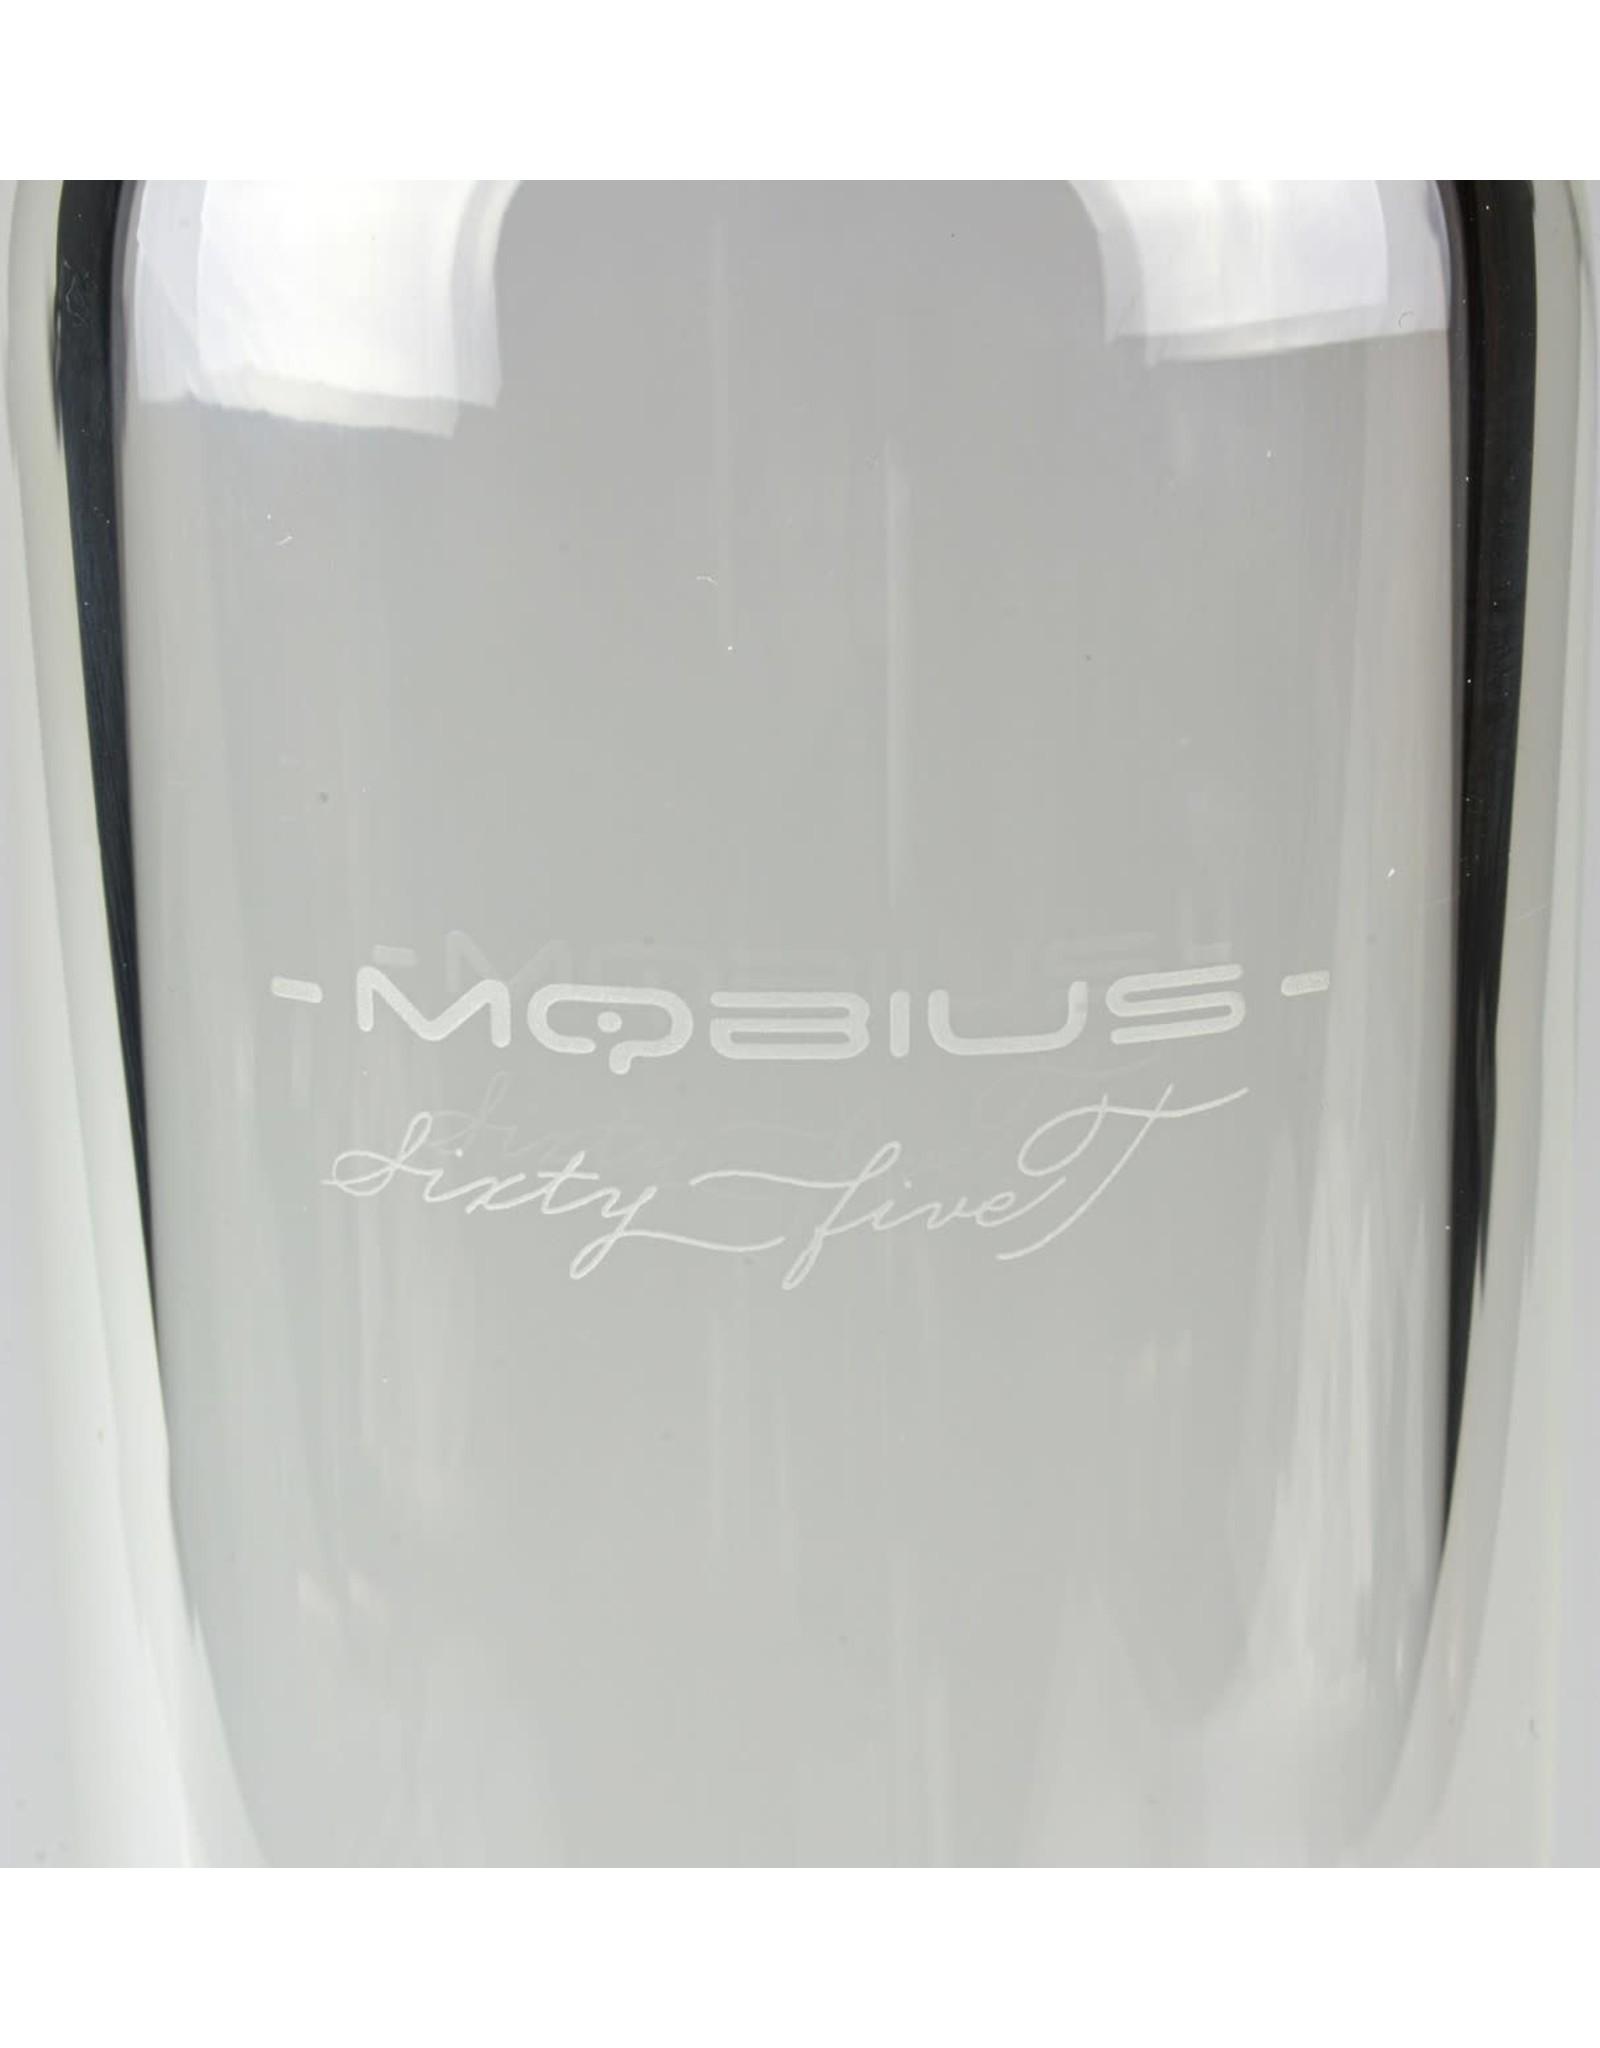 Mobius Mobius 65T